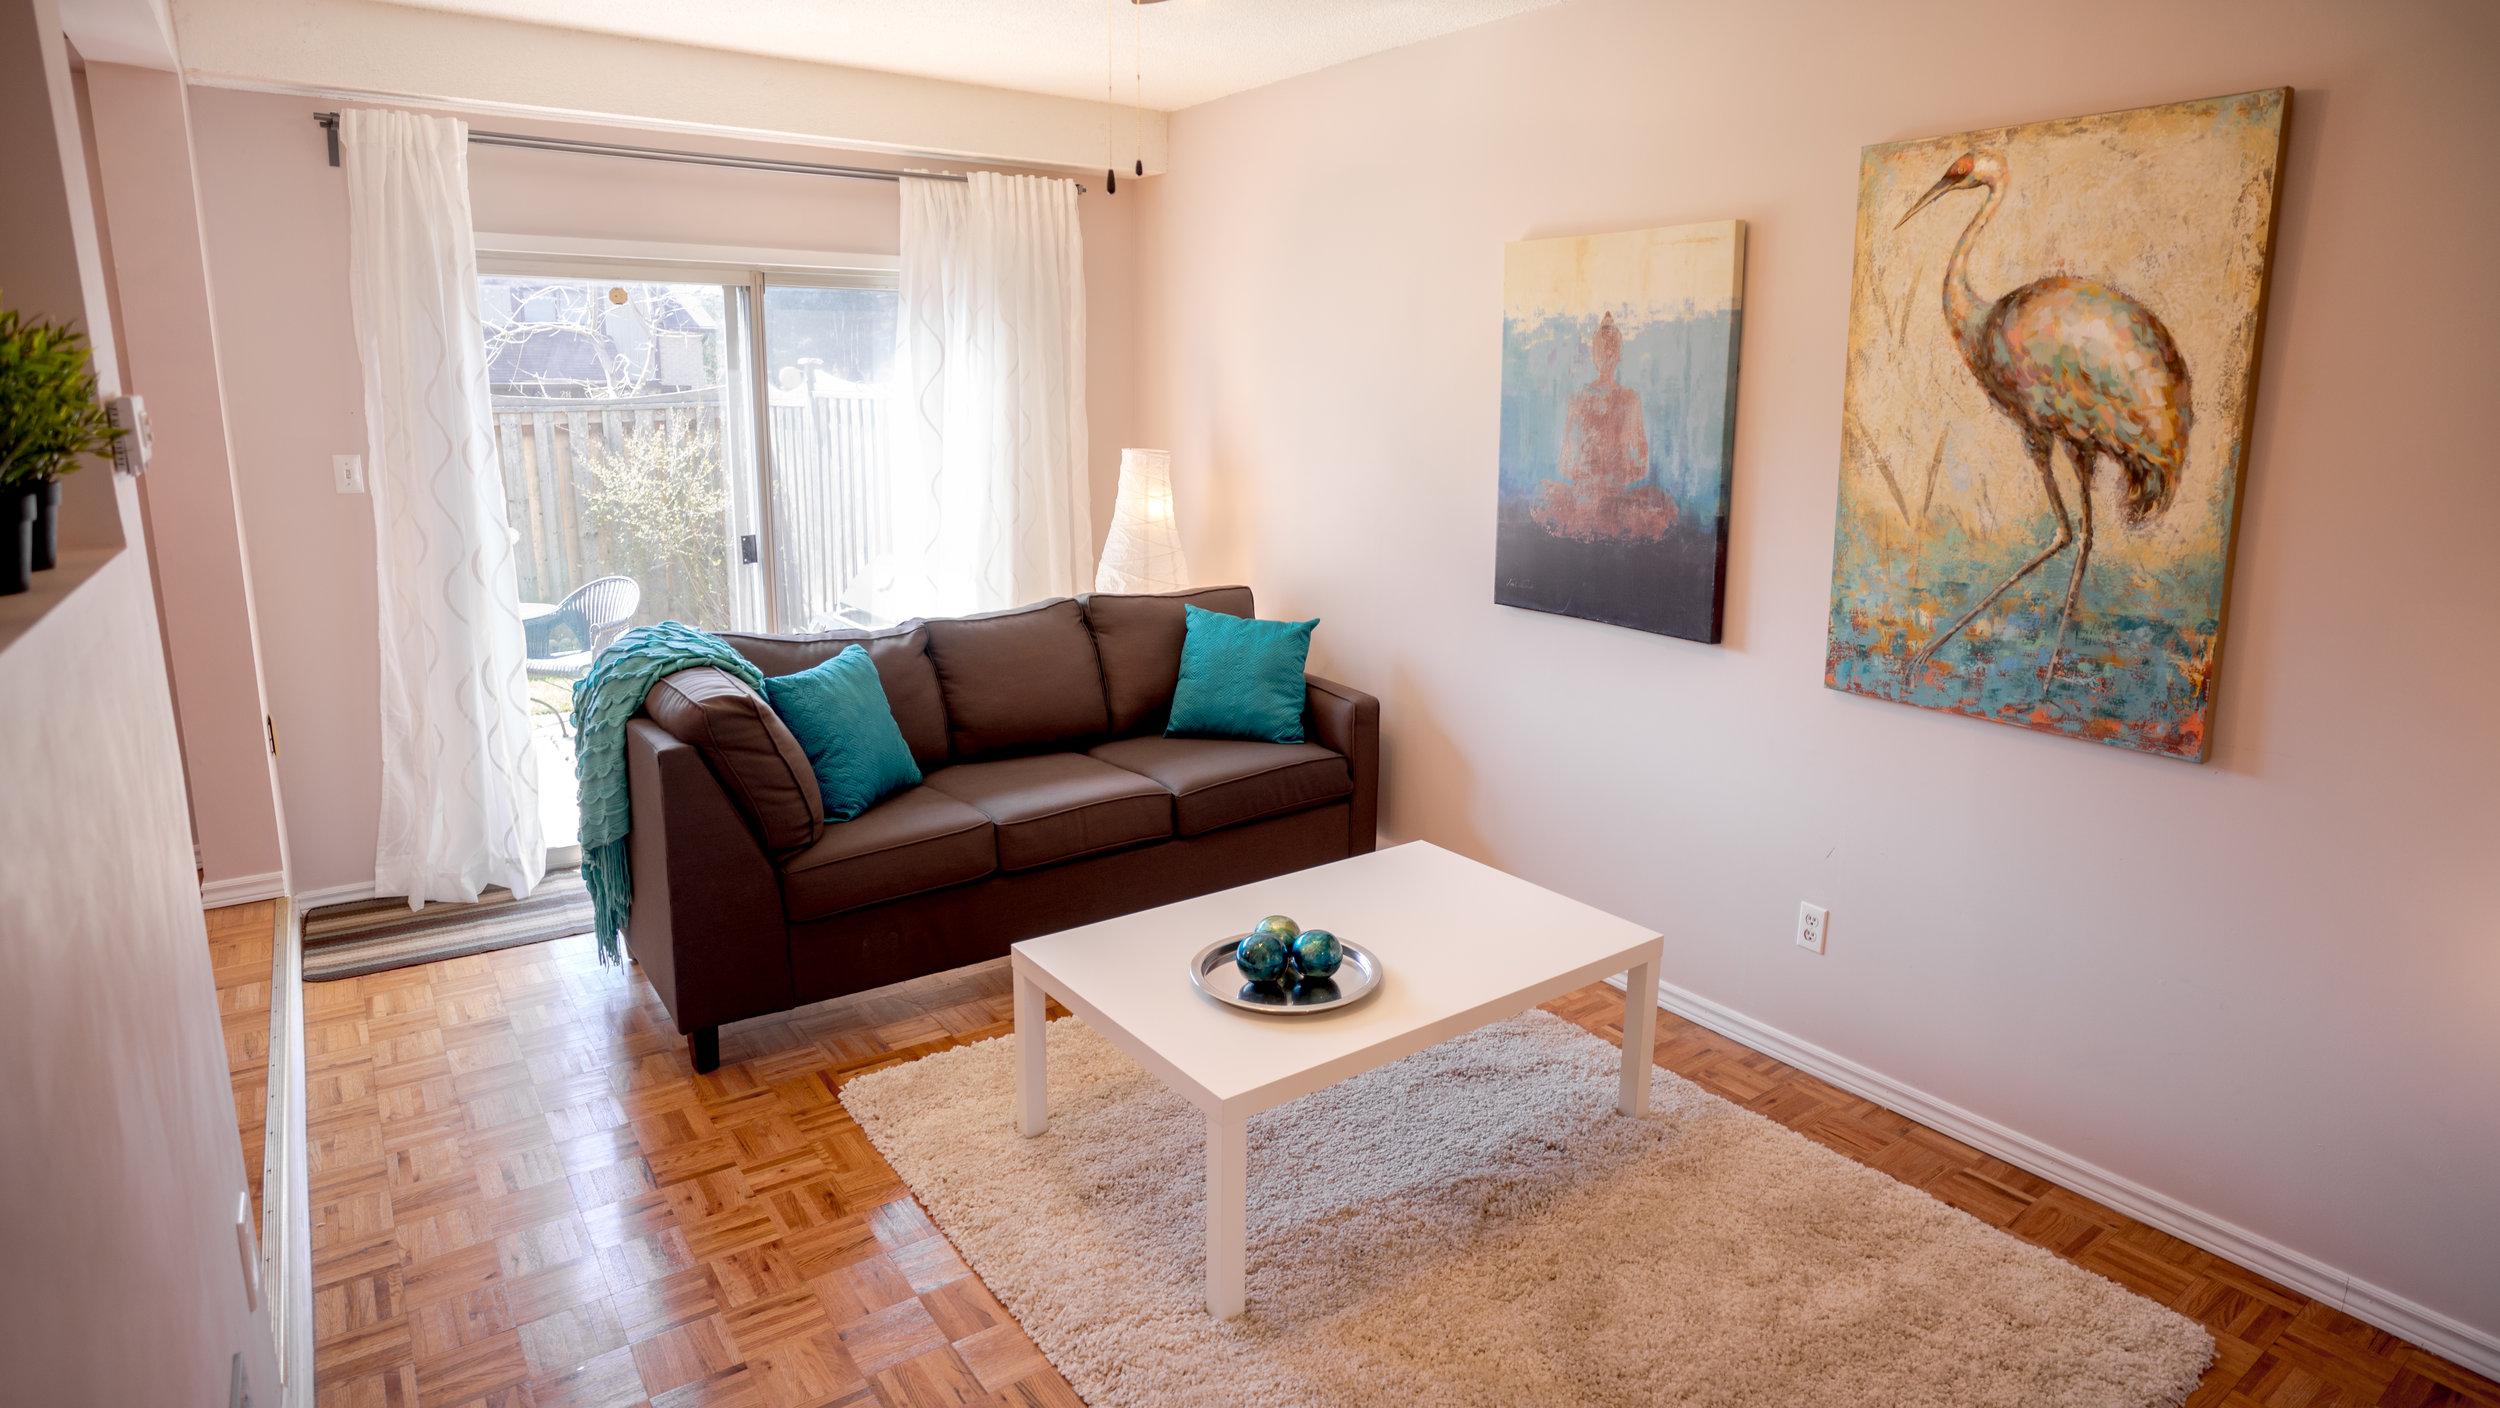 #2 - Living Room - Fundy-18.jpg